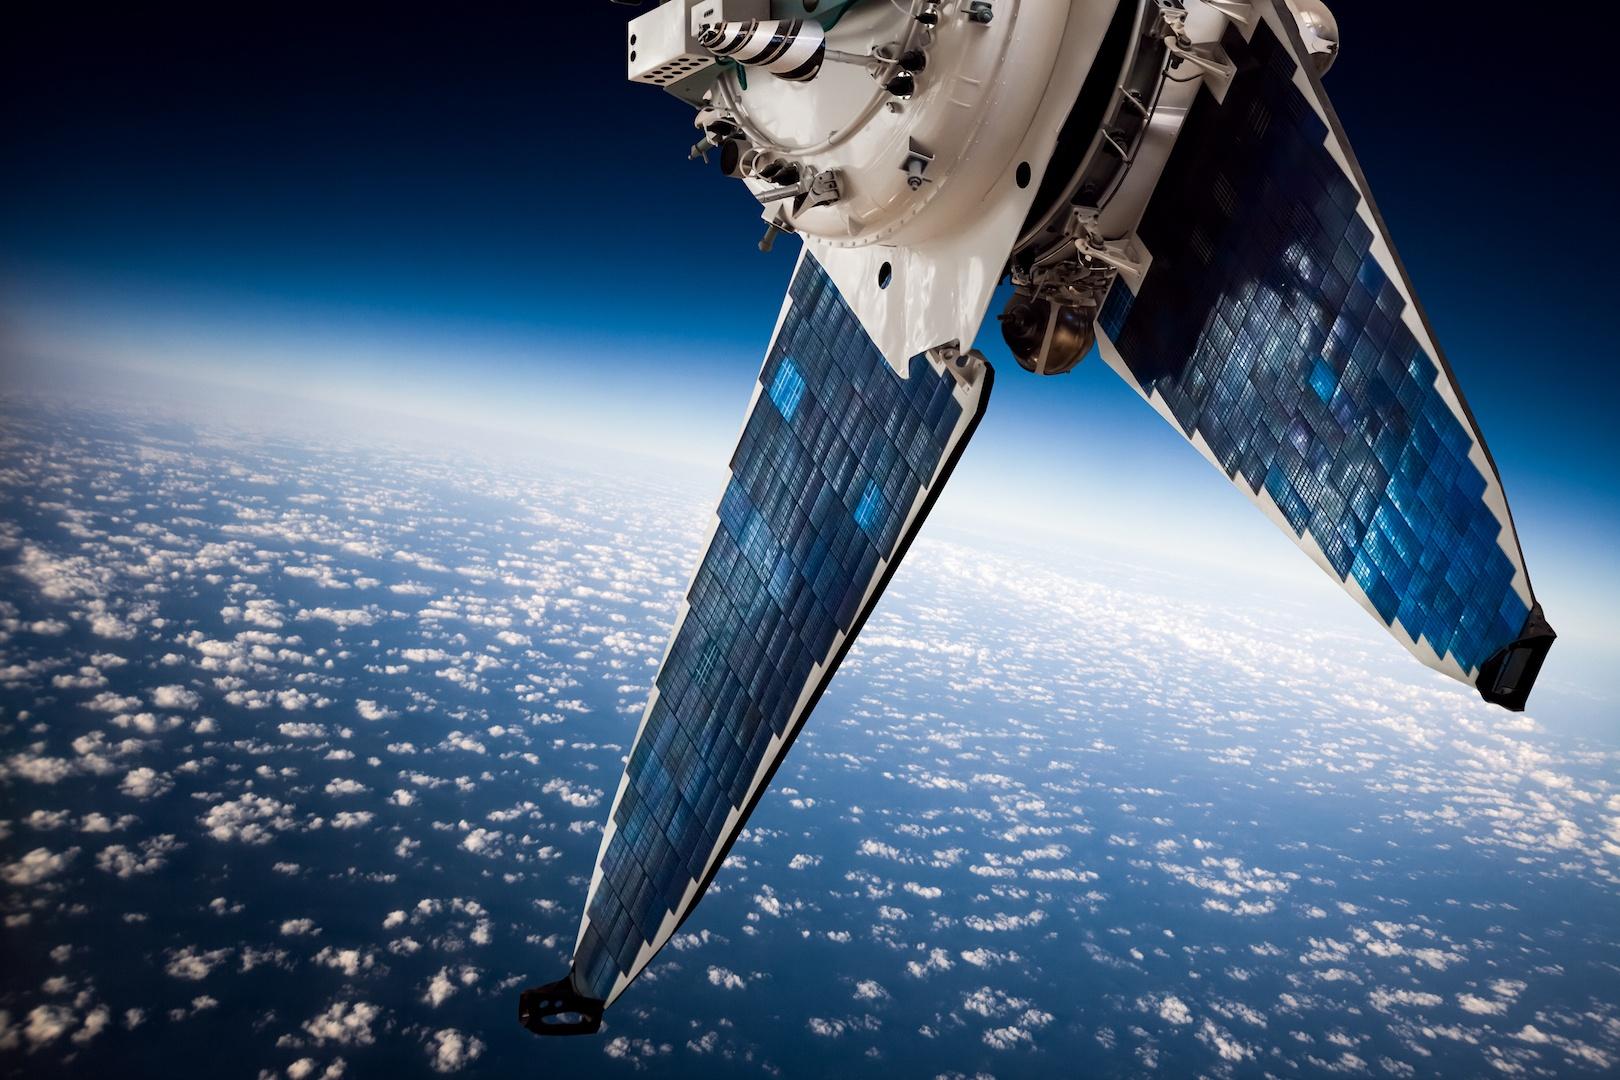 Comunicações via satélite podem estar comprometidas